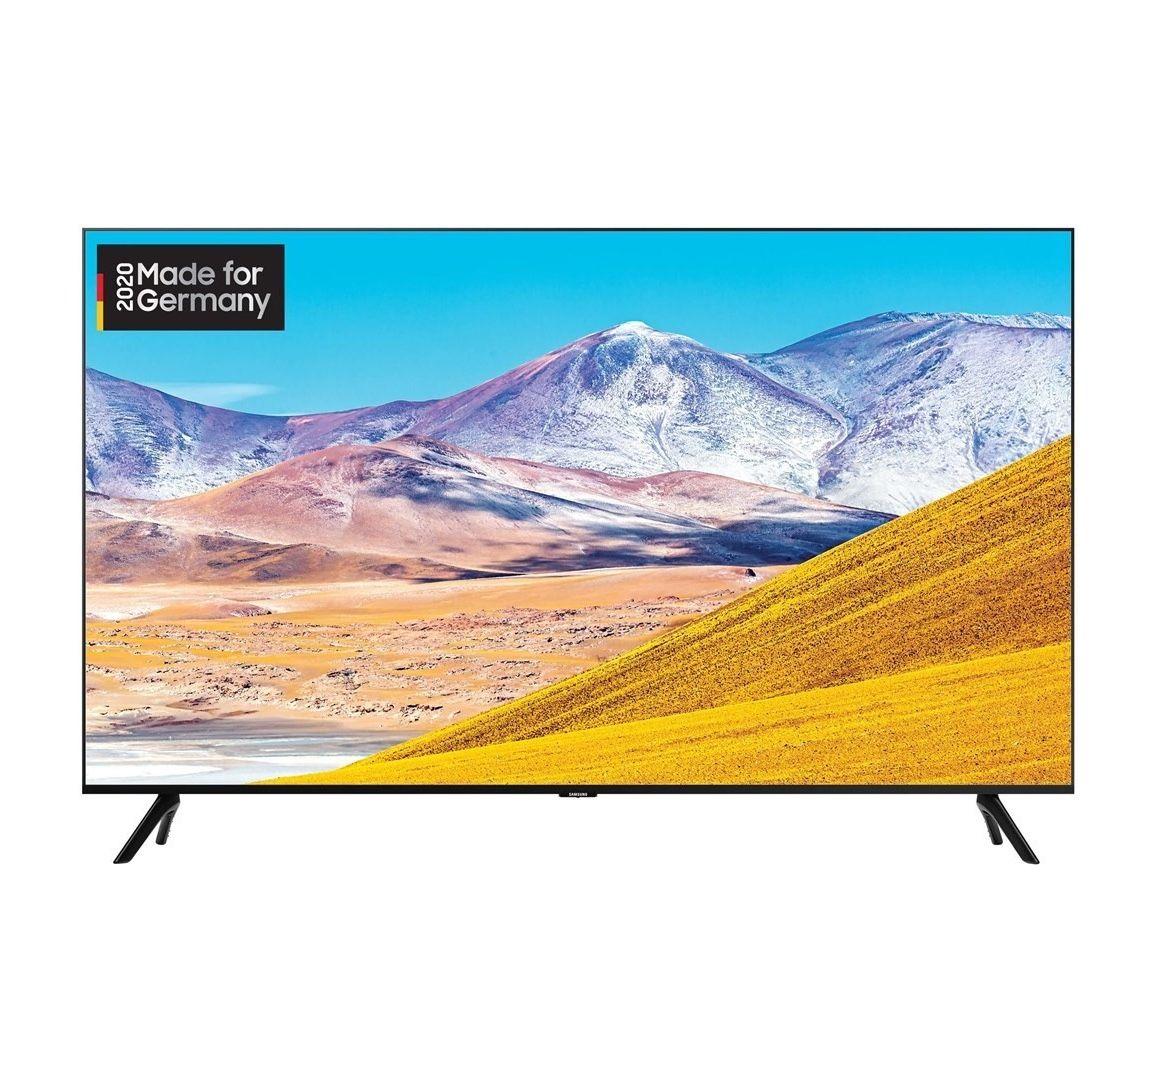 Samsung Crystal GU65TU8079 UHD Fernseher + Samsung Galaxy Tab S5e WiFi 128GB für 876,35€ (statt 1.101€)